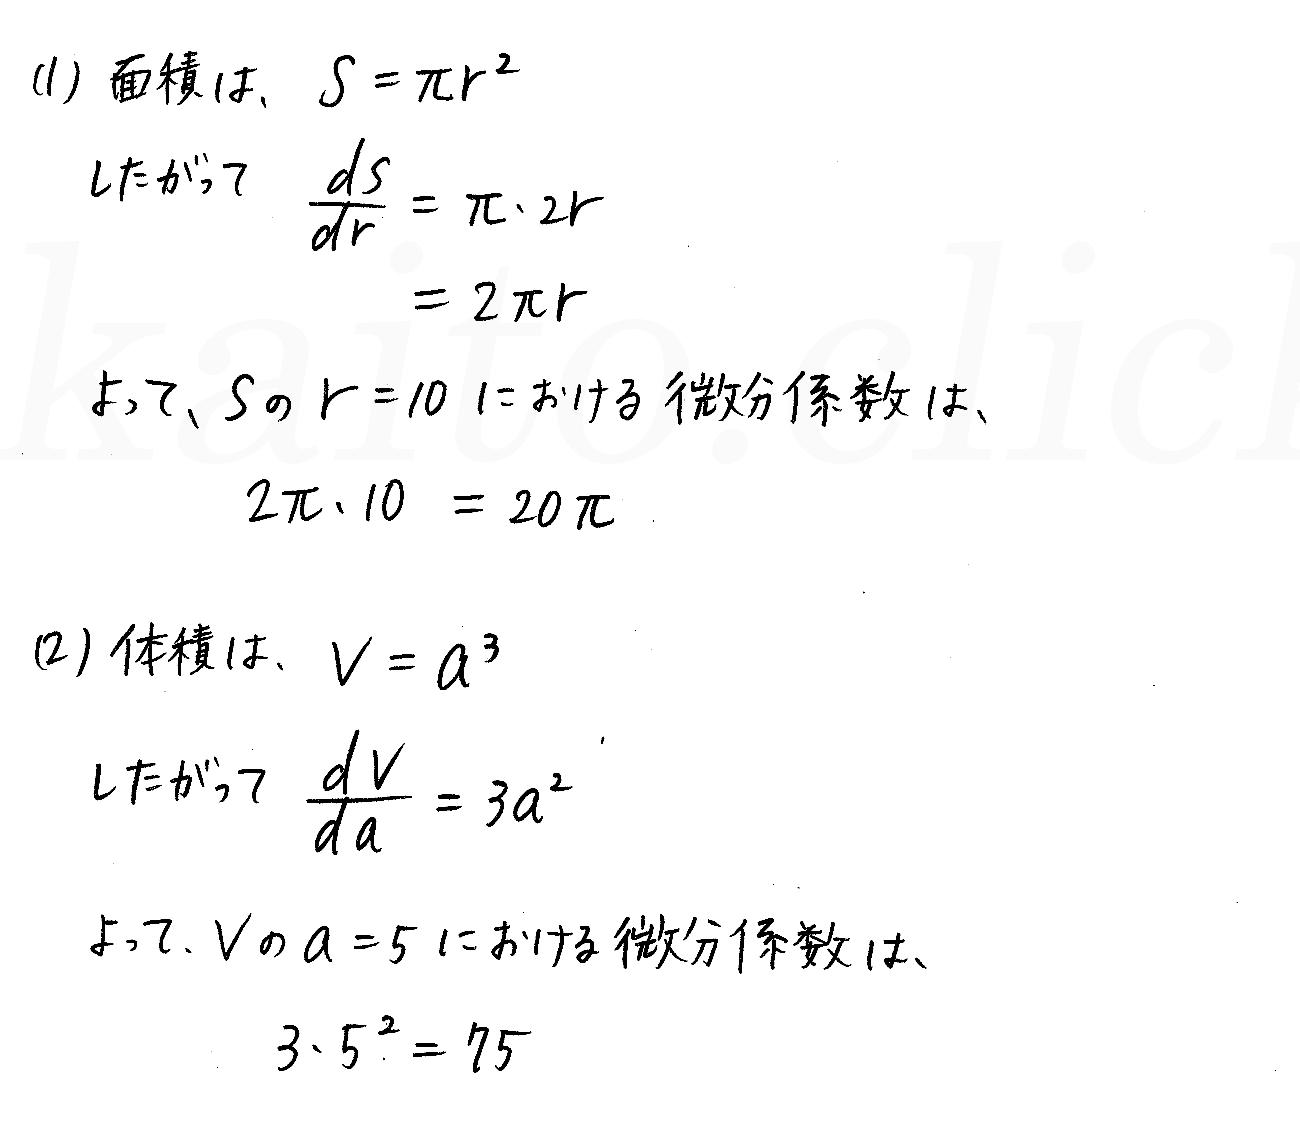 クリアー数学2-403解答